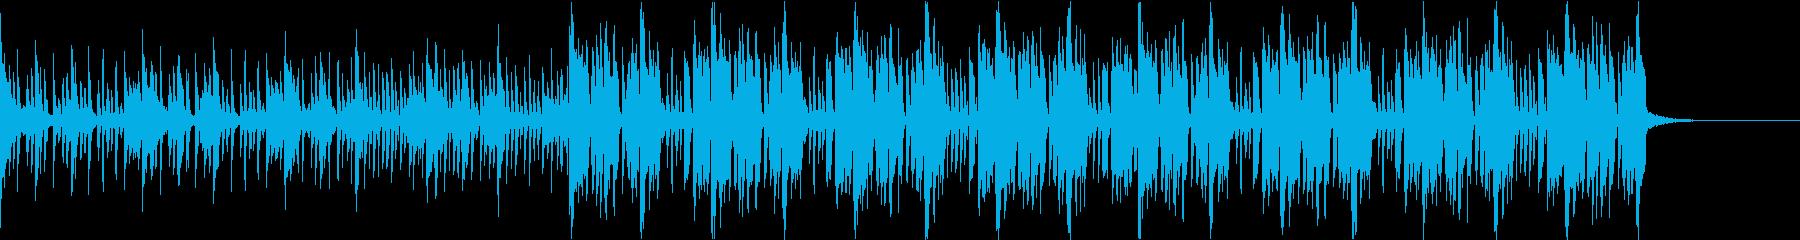 Pf「謀」和風現代ジャズの再生済みの波形